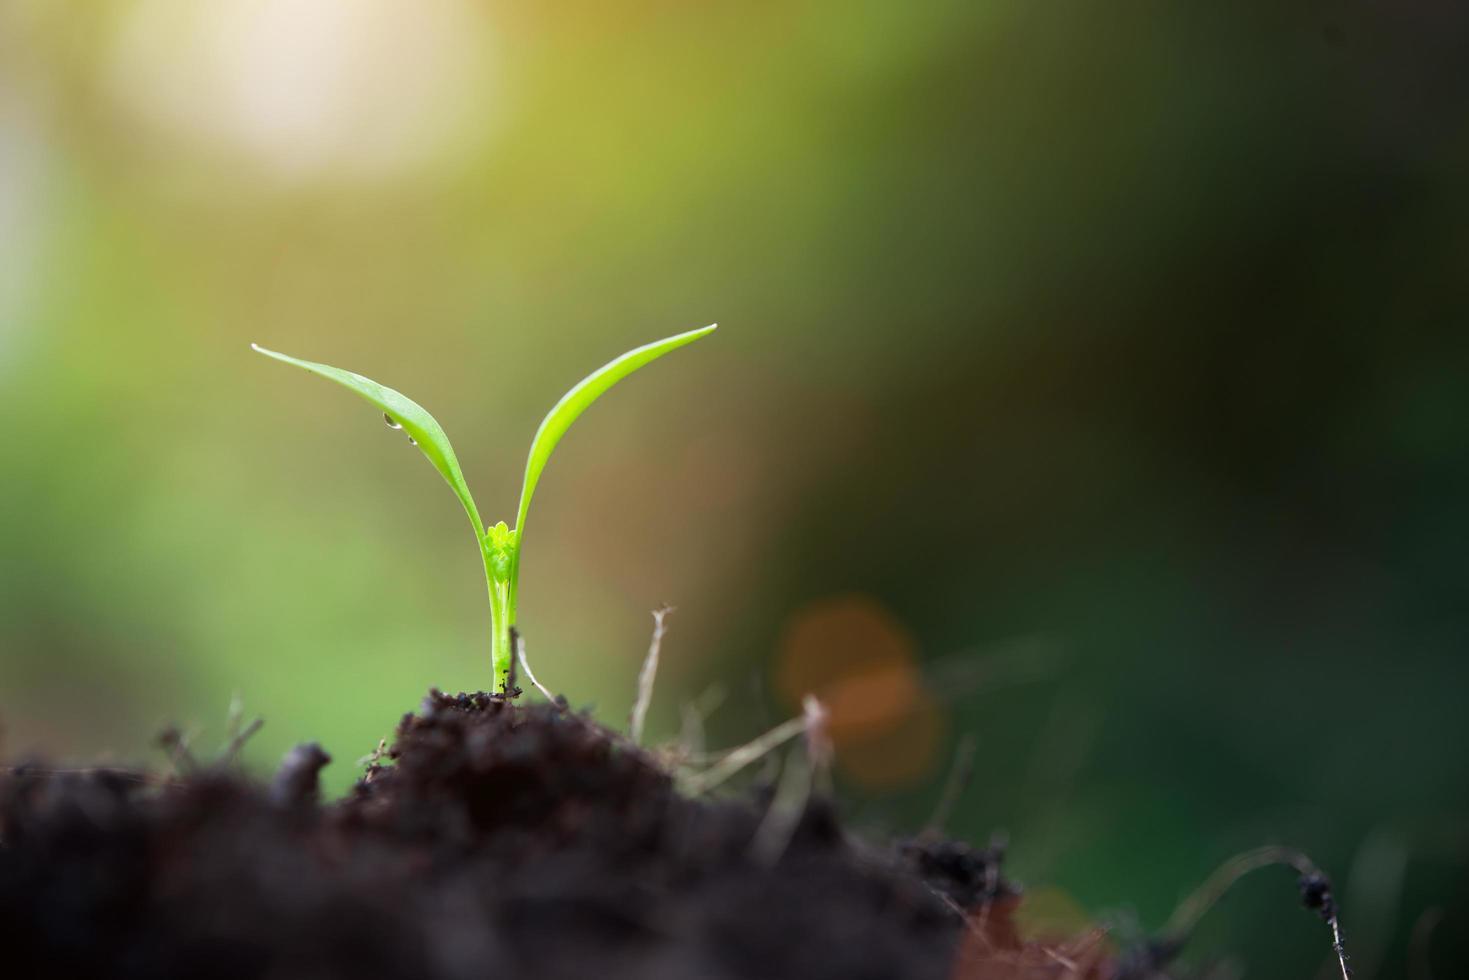 vicino la germogliazione di piante in natura foto